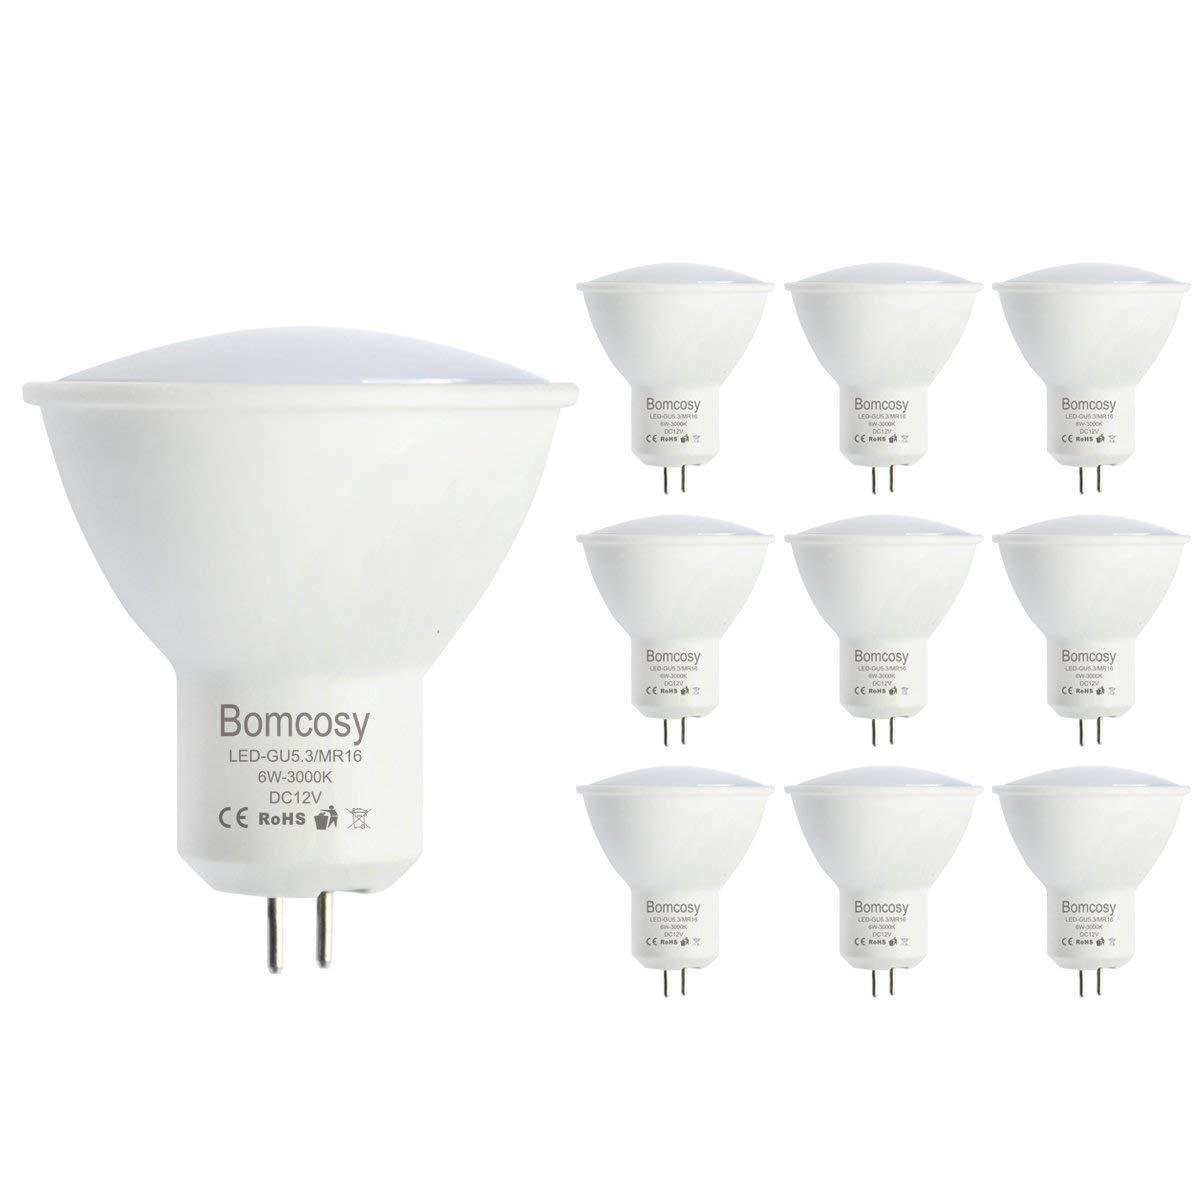 Bomcosy Bombillas LED GU5.3 12V Casquillo MR16 6 W equivalente a 50 W Luz Blanca Cálida 3000K 120 Grados Inundaciones Ángulo 510 Lumens No Regulable Pack de ...